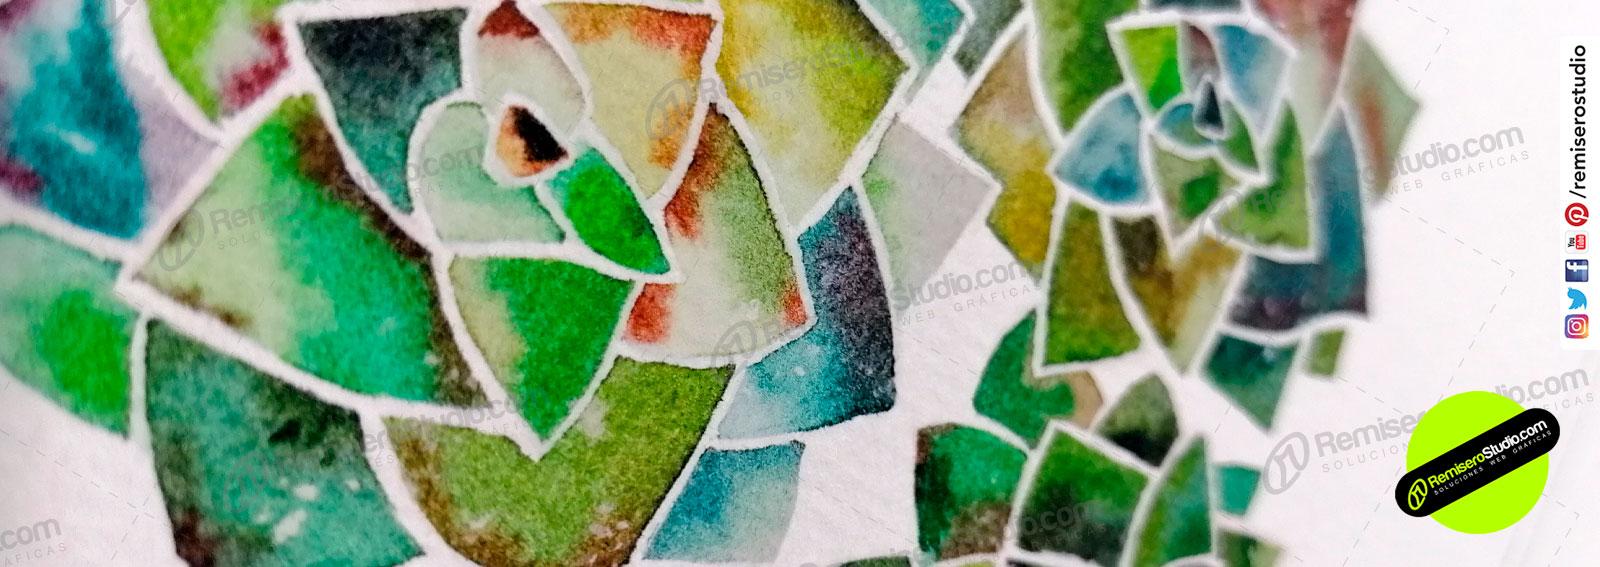 Impresión sobre Cartulinas Papeles Artisticos Algodon Hahnemühle 50 x 65 cm